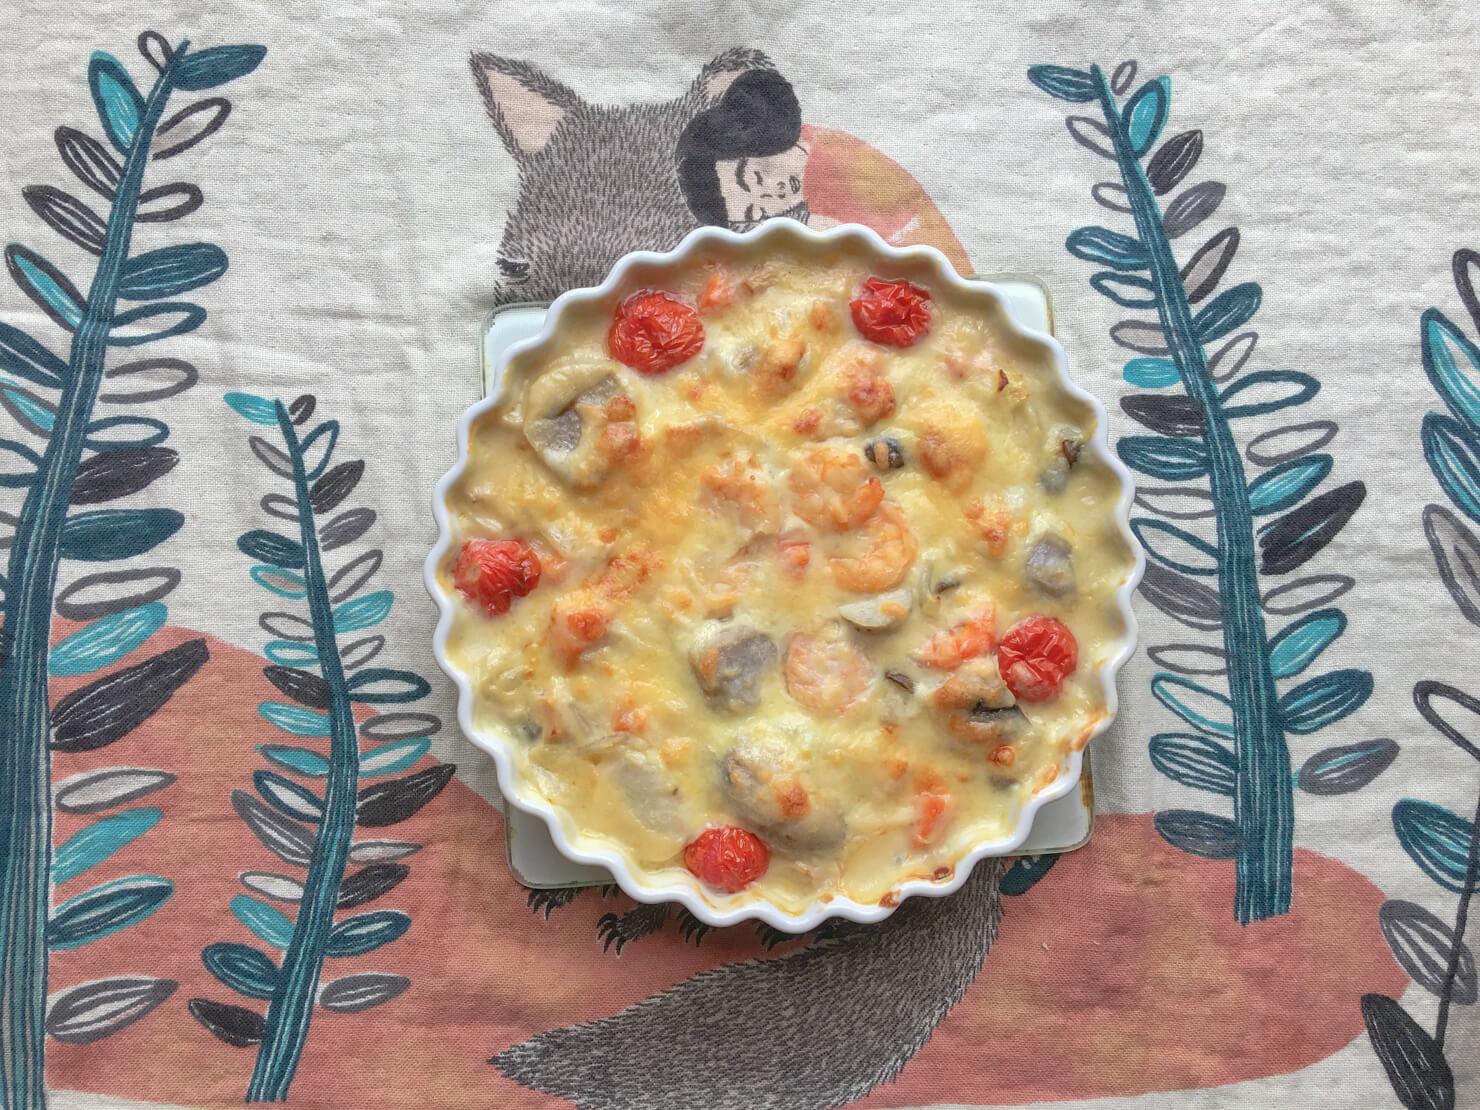 里芋のクリームシチューをリメイクしたグラタンの写真